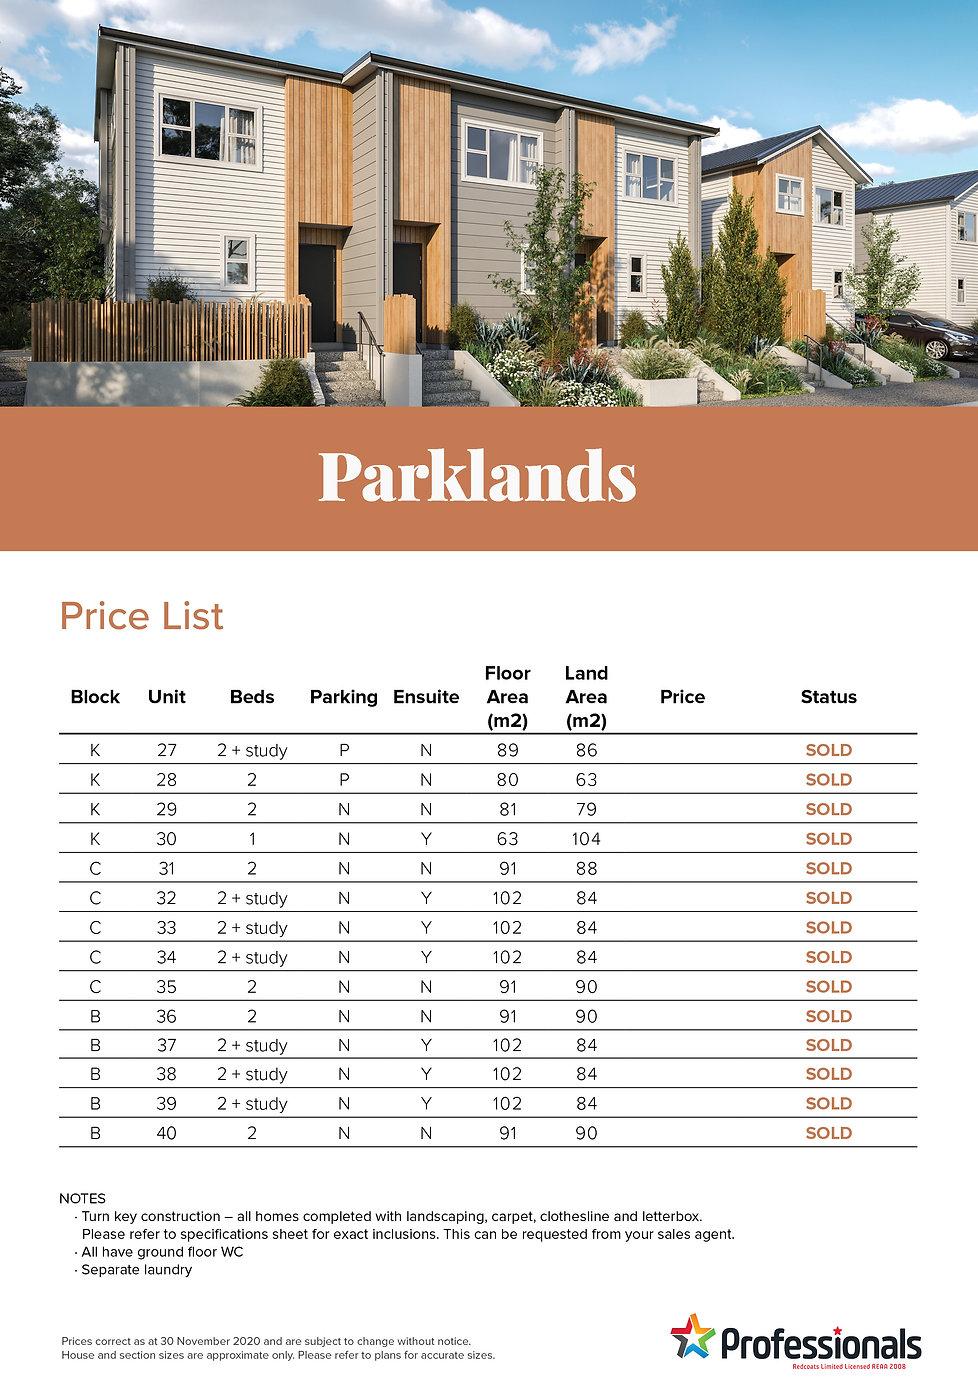 Parklands Price List - Stage 3.jpg